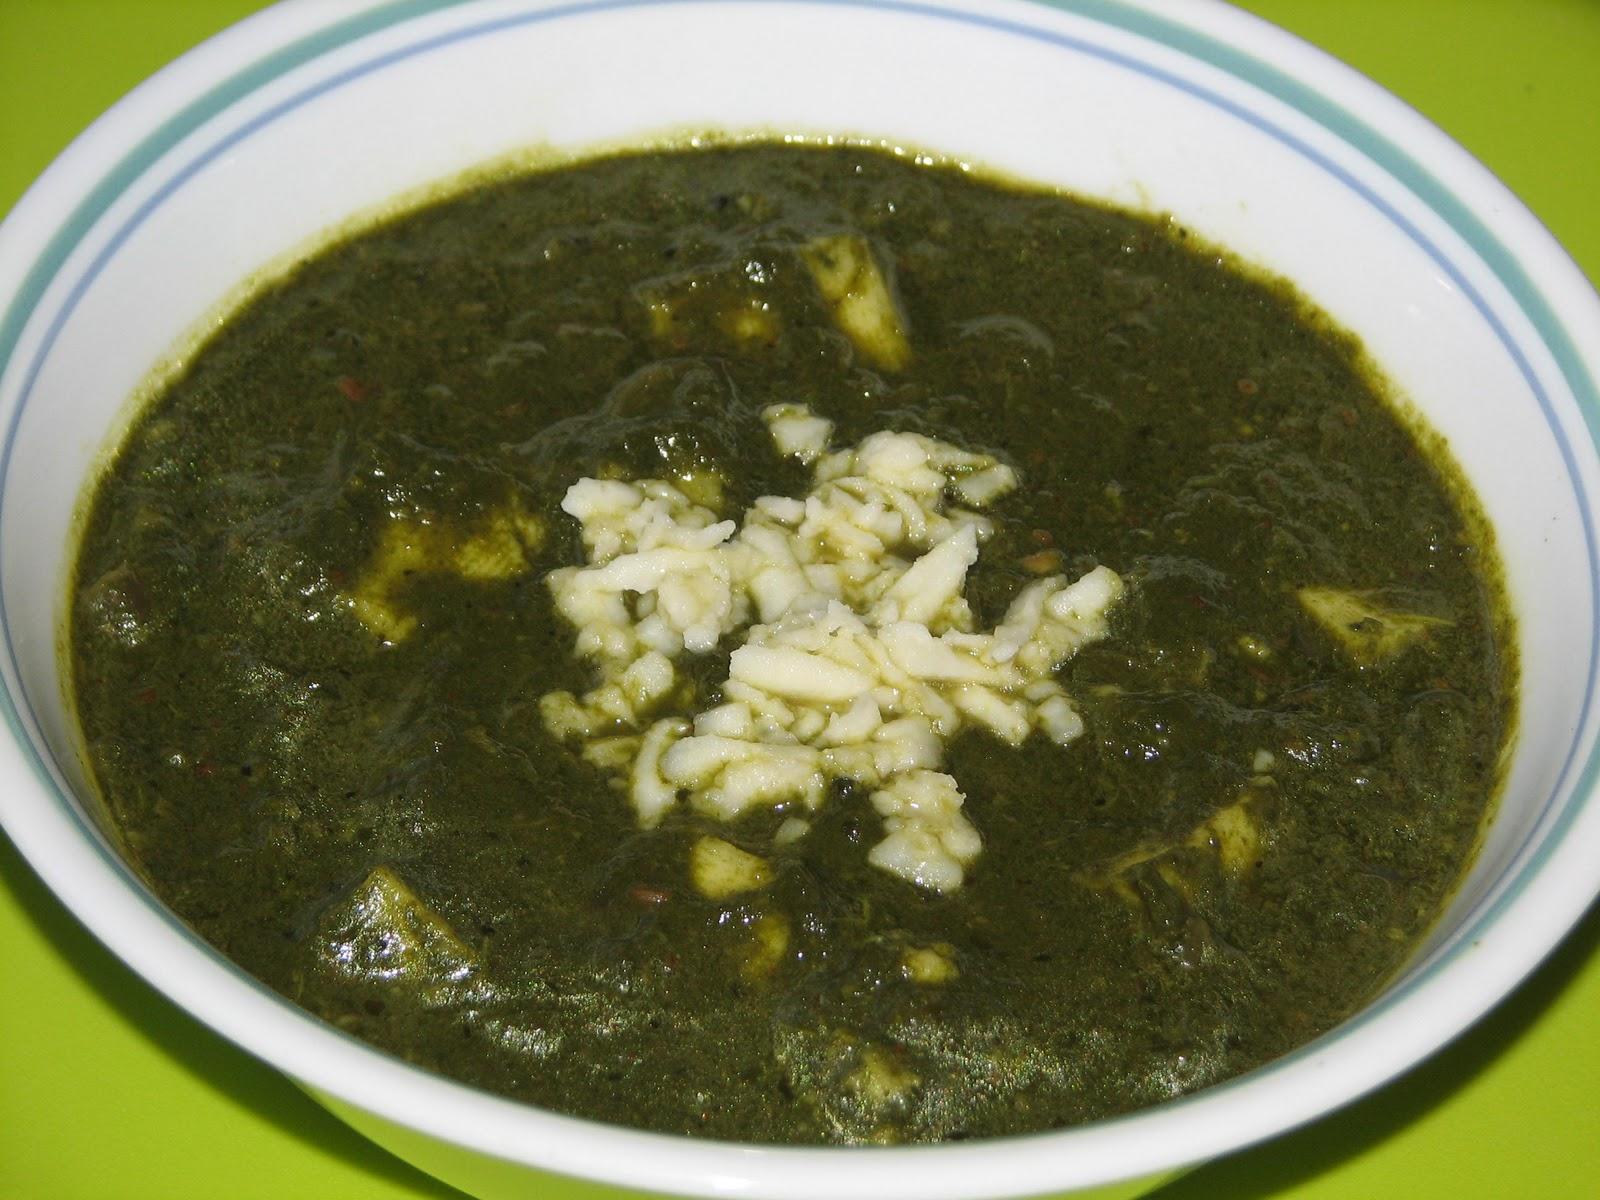 Seema's Veg Kitchen: Palak Paneer